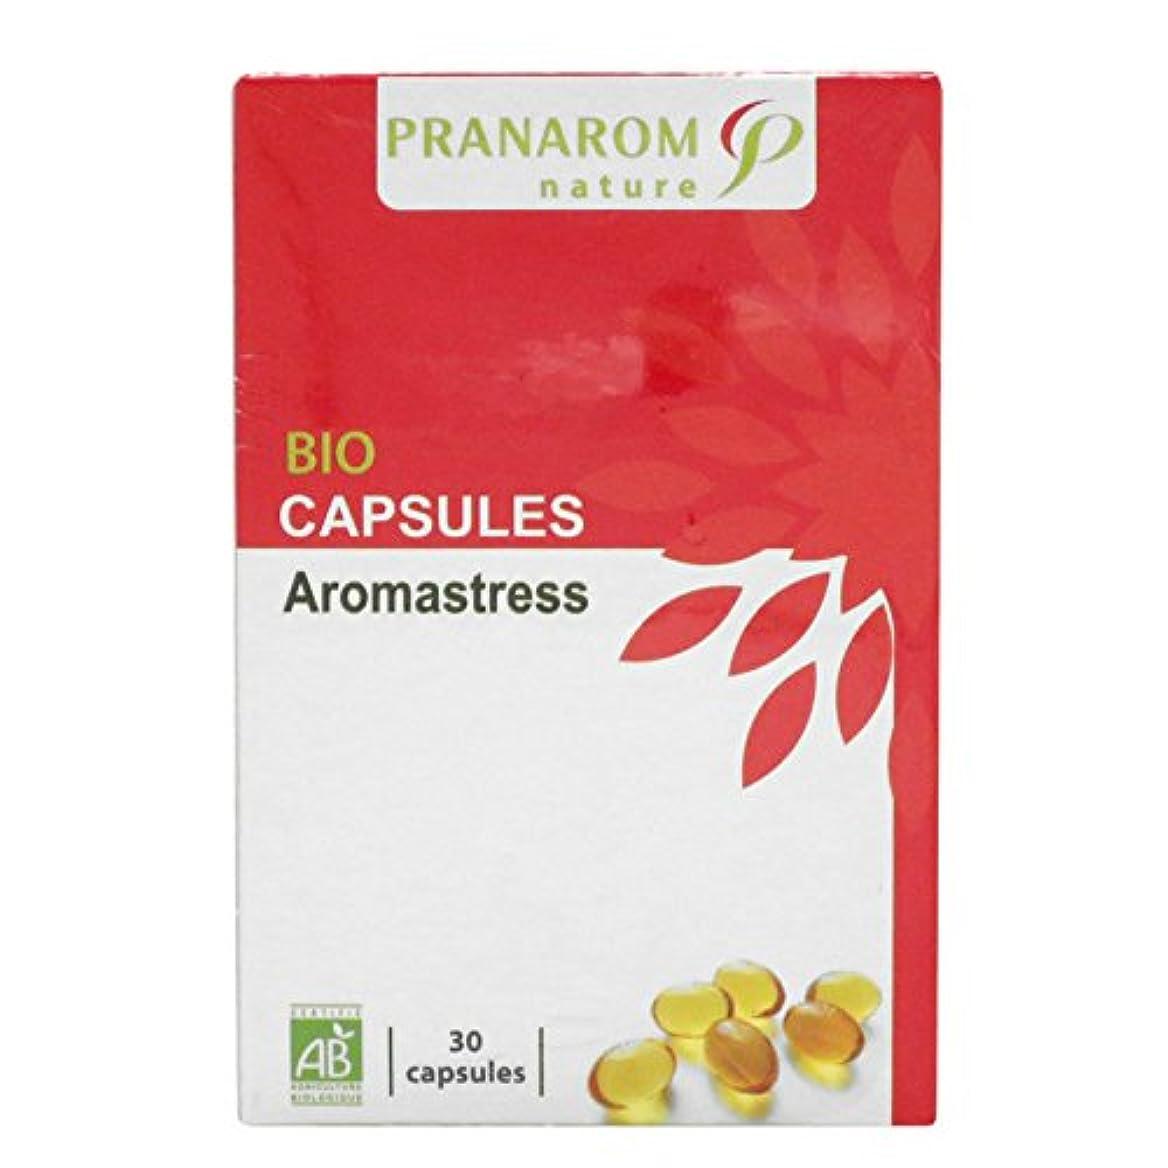 エコーバリーおなじみのプラナロム アロマストレスカプセル 30粒 (PRANAROM サプリメント)